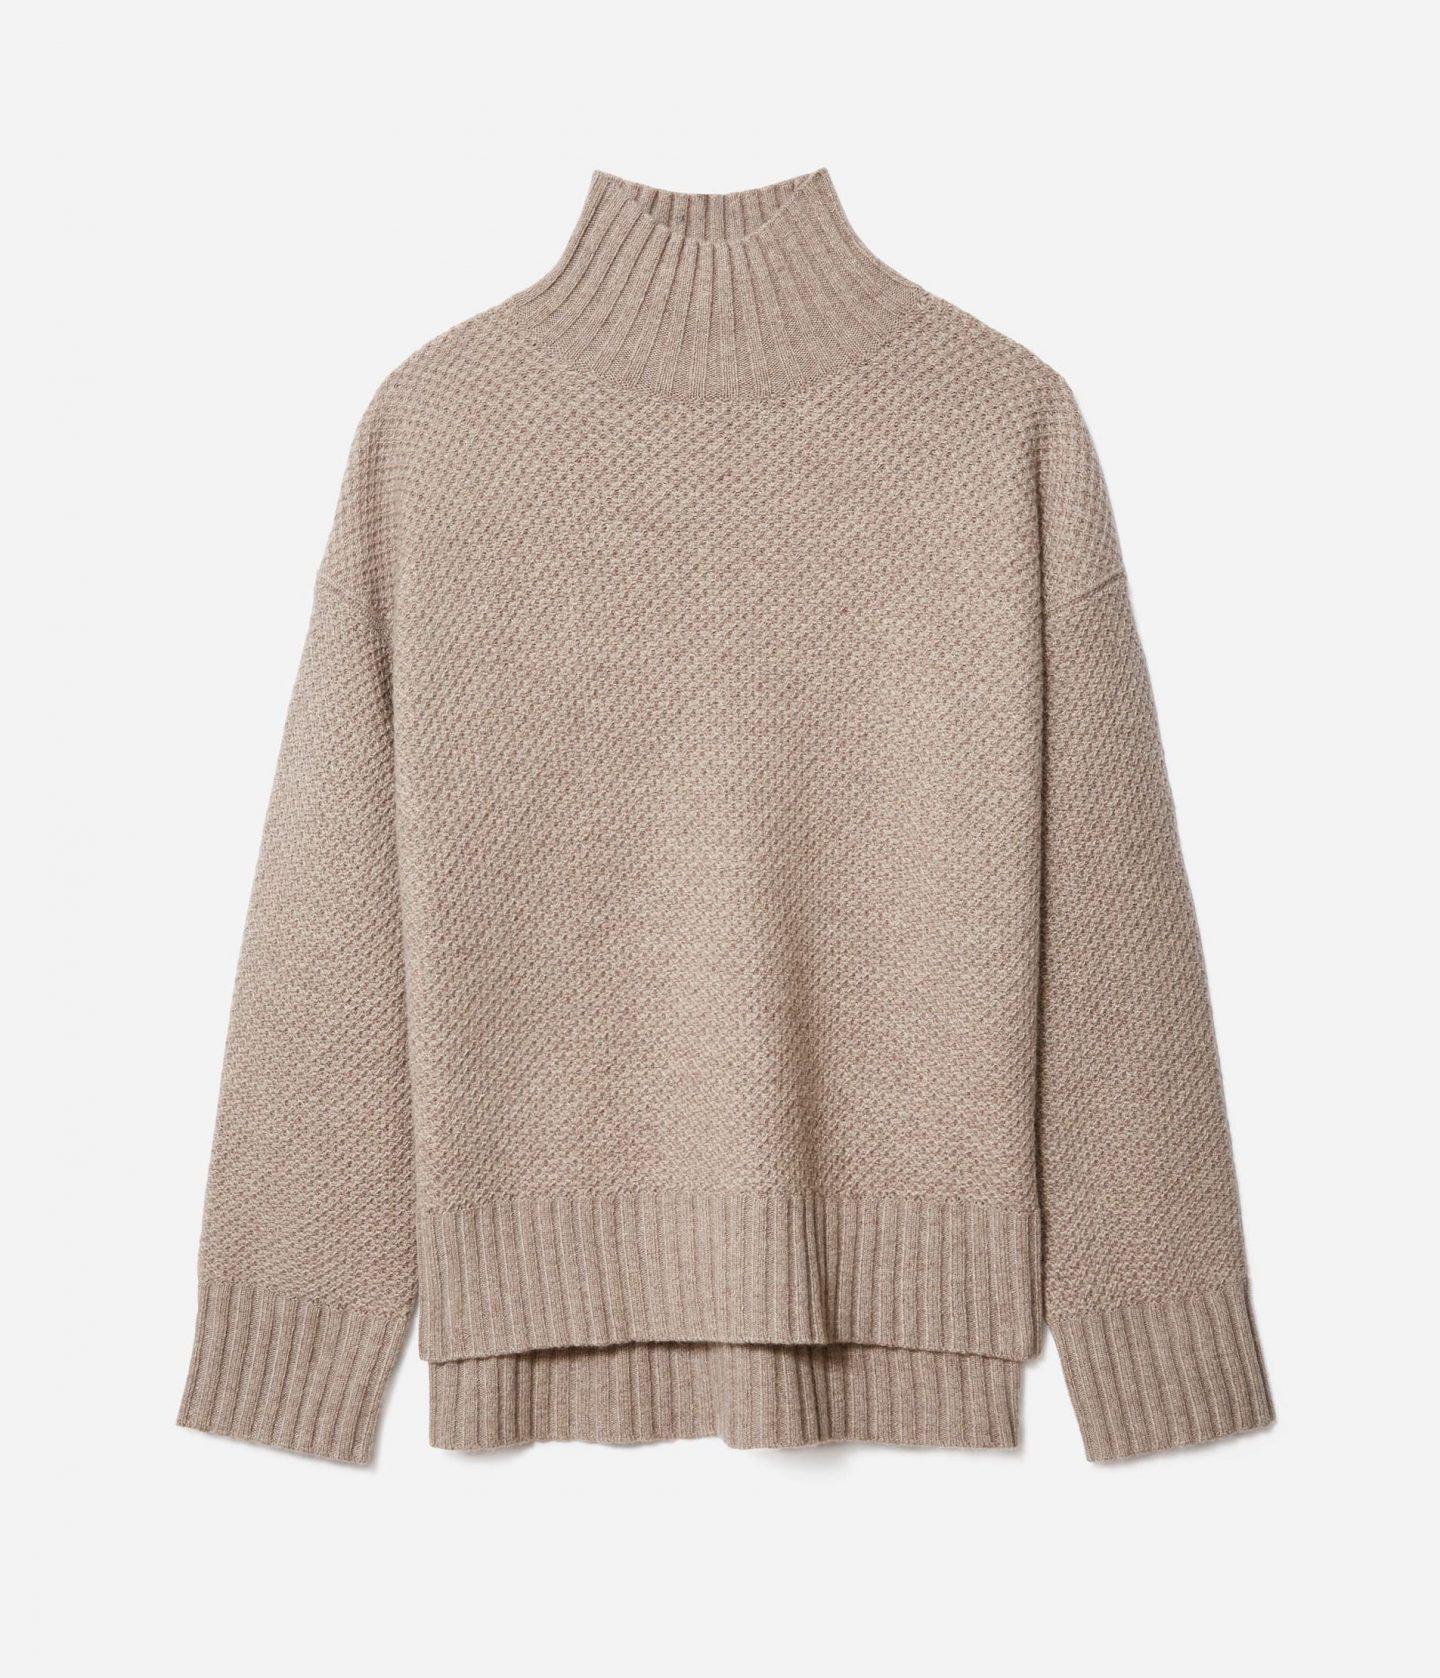 Sustainable tan turtleneck sweater